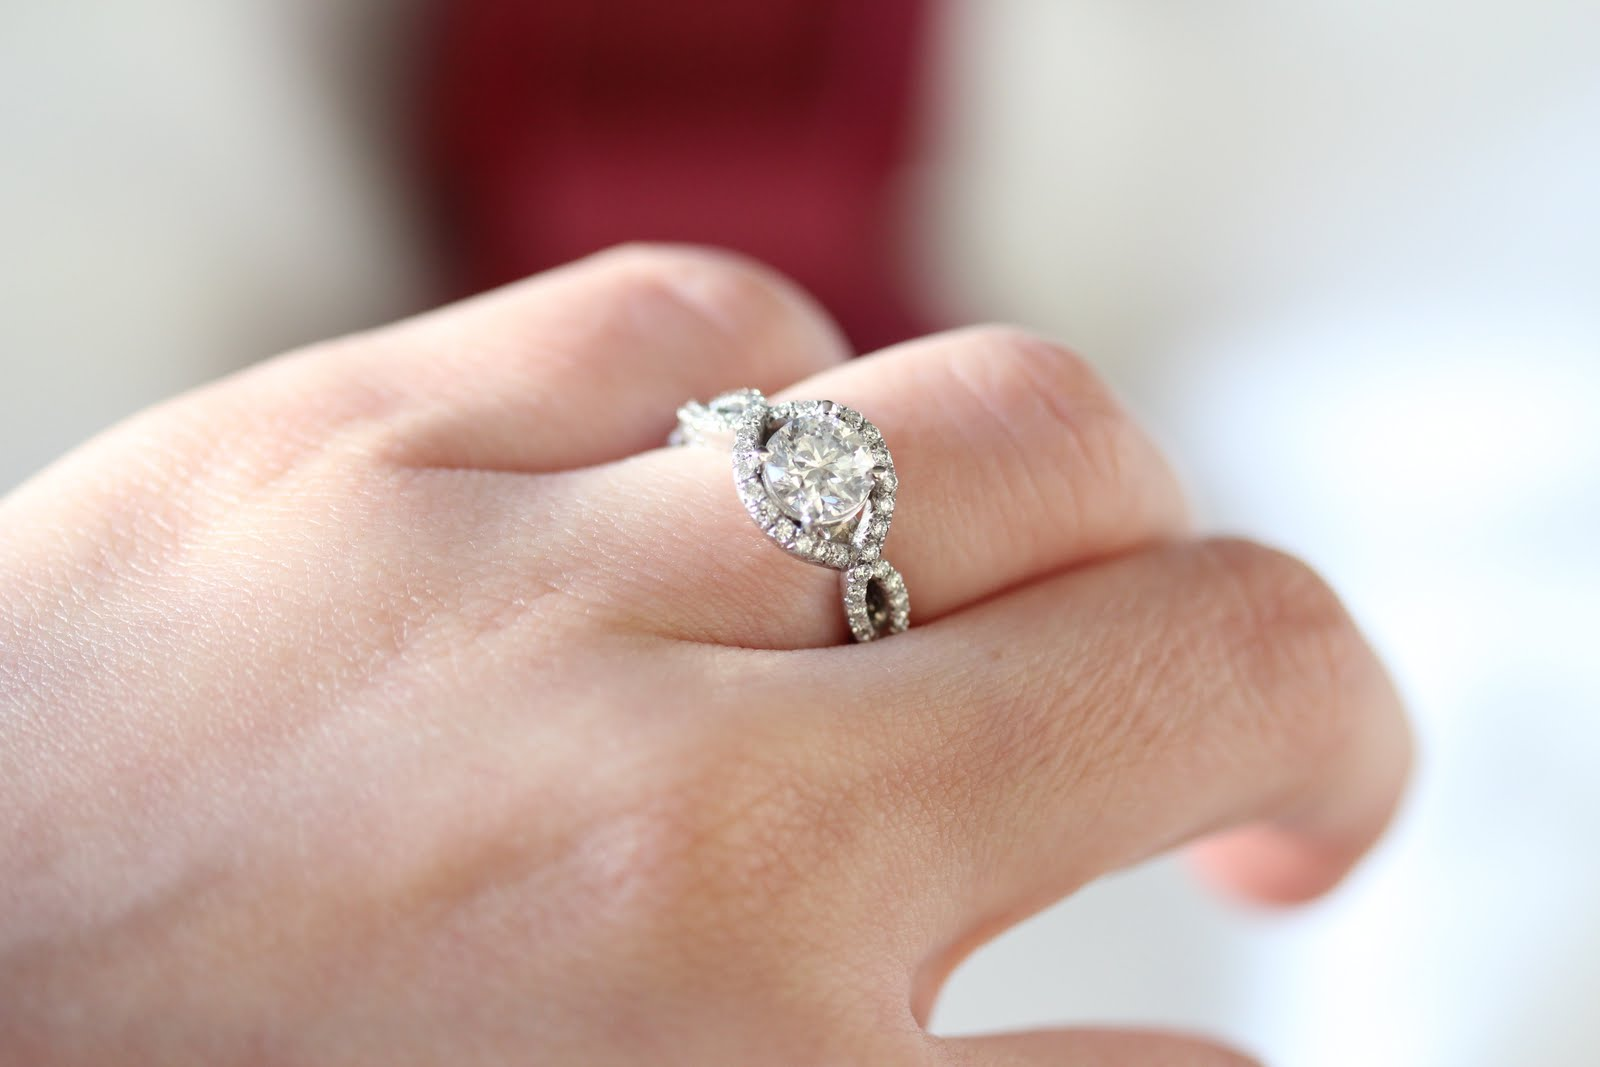 The Wedding Ring Finger 2011